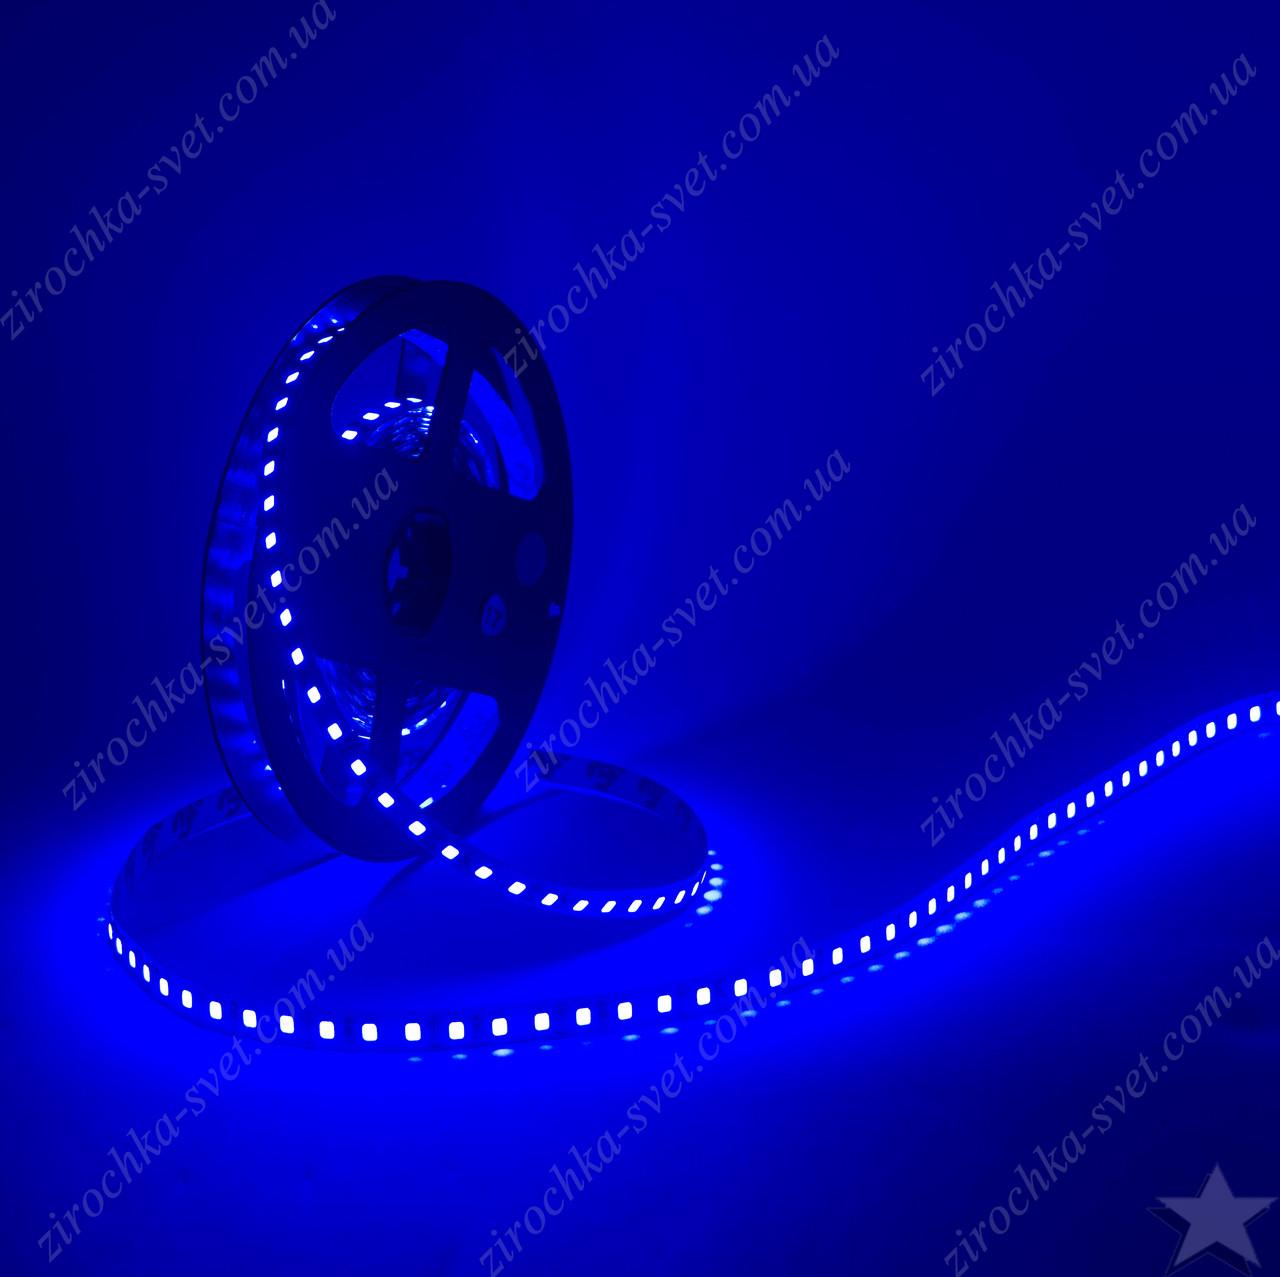 Светодиодная лента синяя 12в 120шт/м smd3528 IP20 9,6 Вт/м Motoko